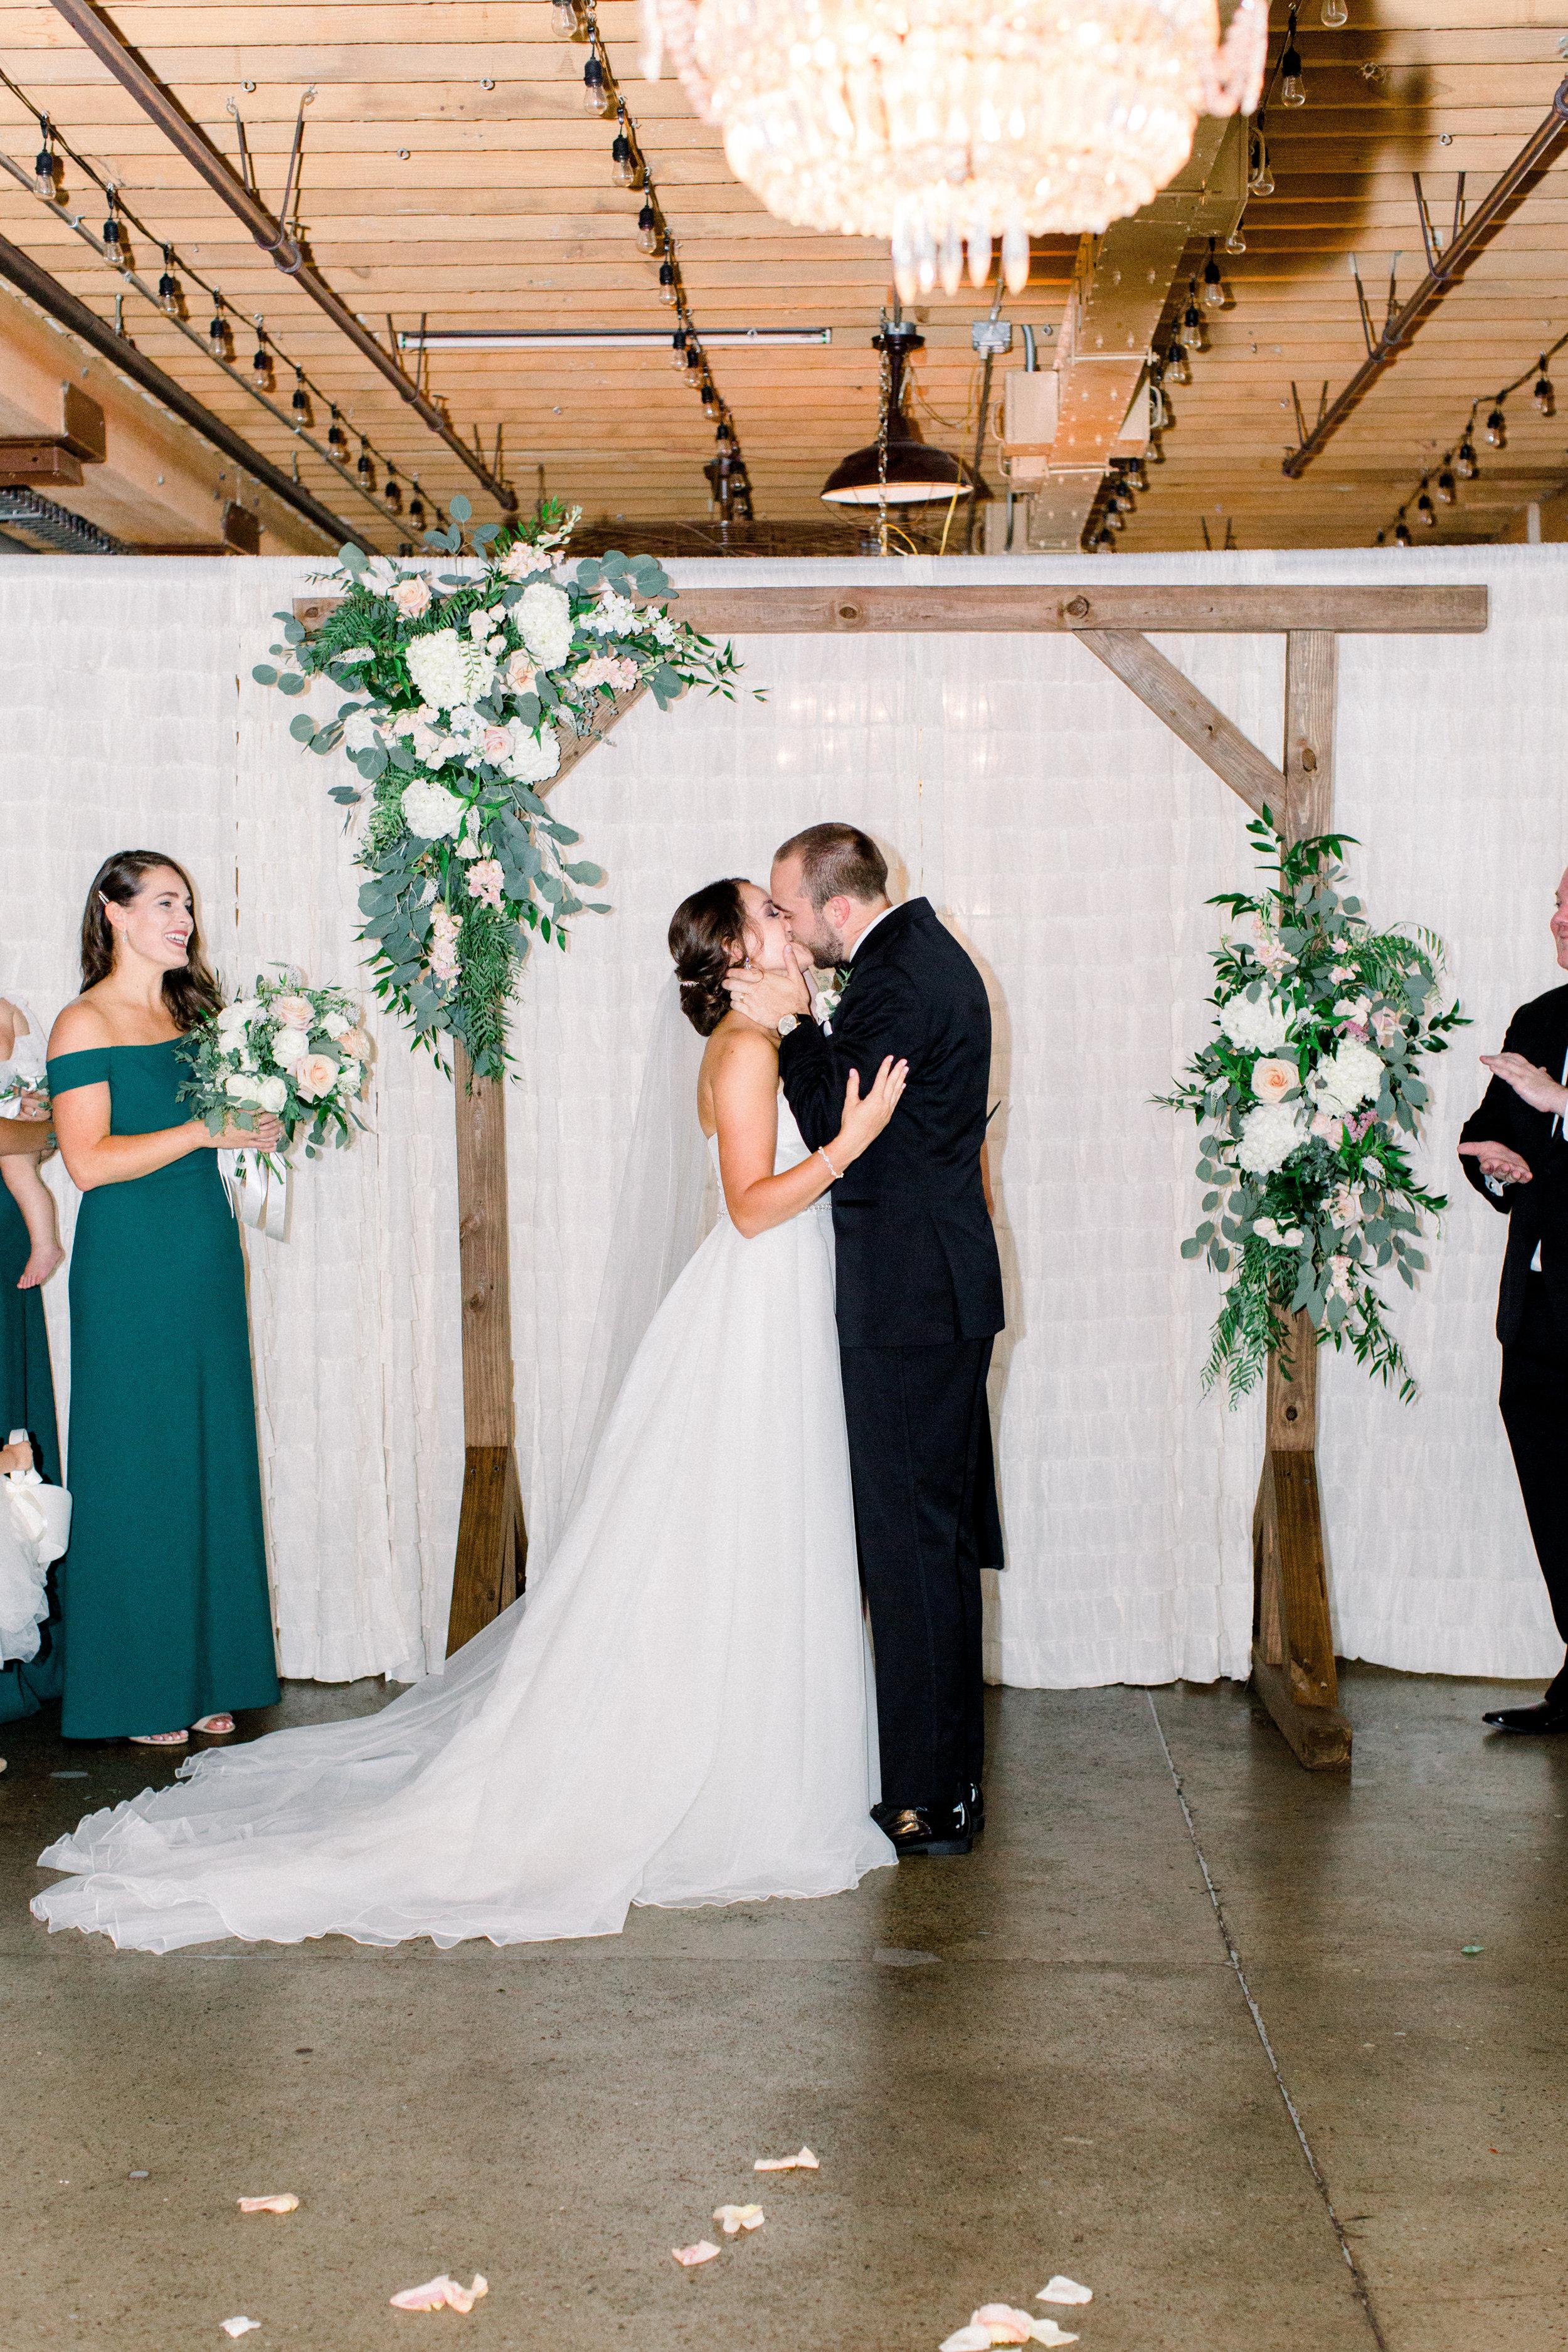 Steiner+Wedding+Ceremony-153.jpg